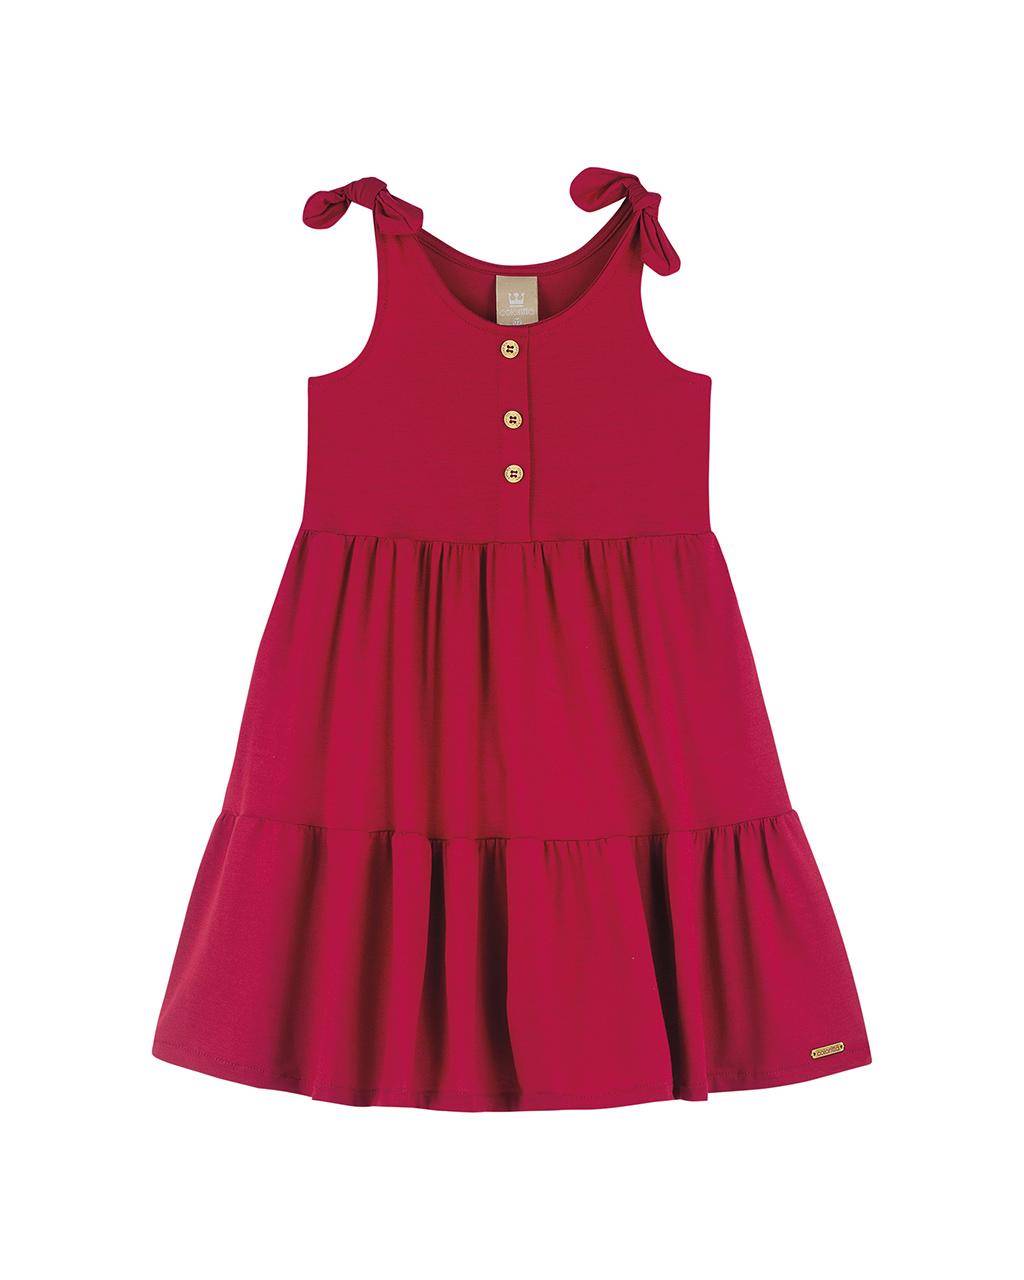 Vestido Infantil Vermelho Detalhe Lacinho na Alça e Três Botões na Frente Colorittá